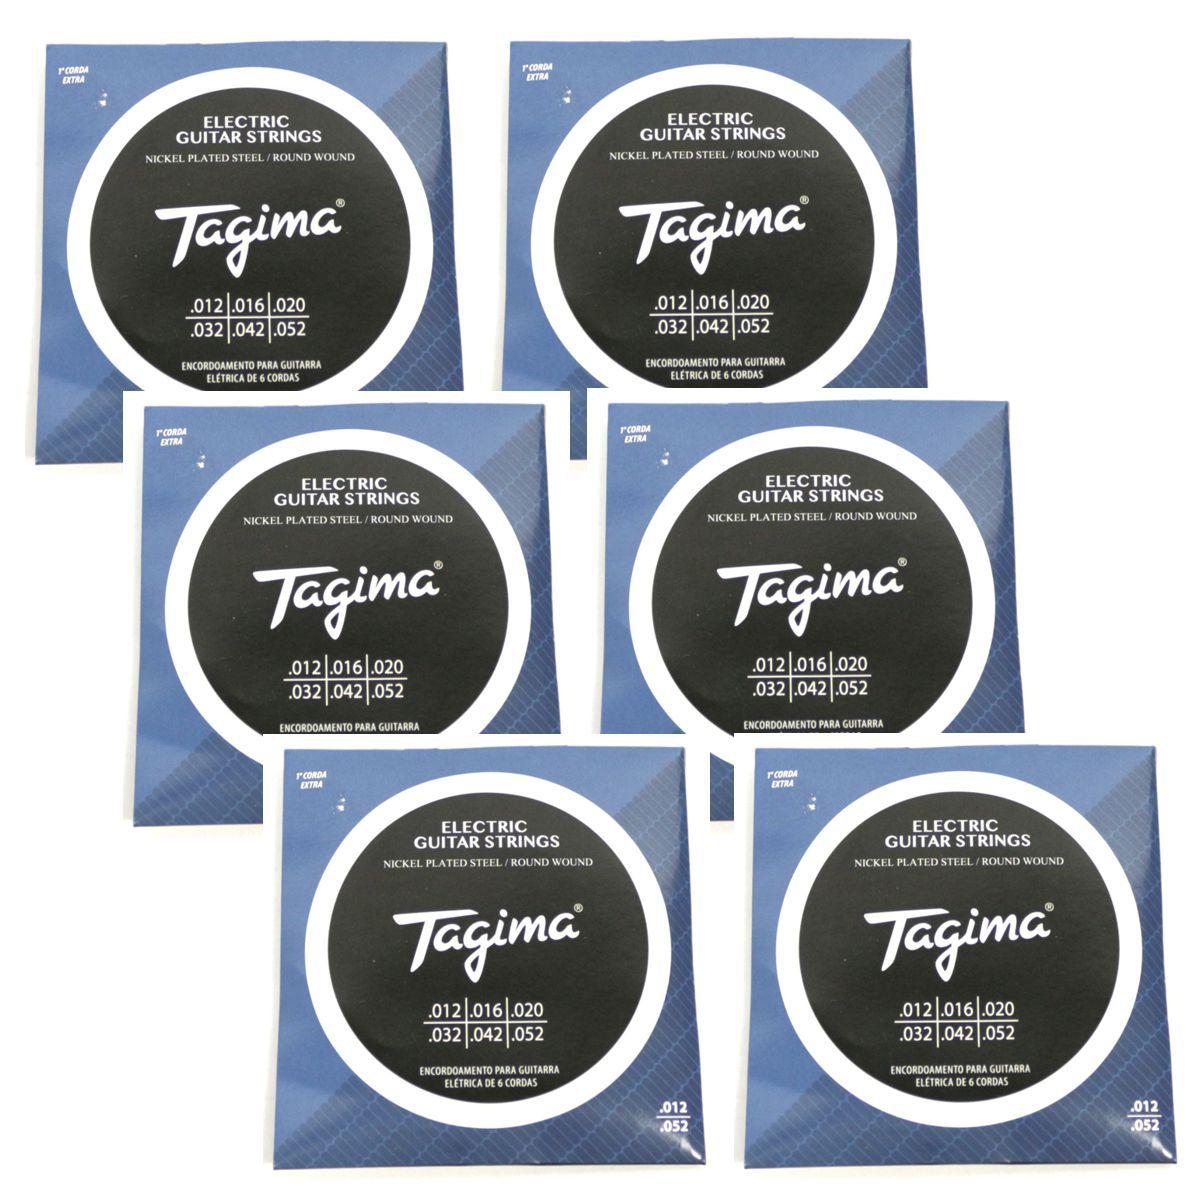 Encordoamento para Guitarra 012 Tagima - TGT-012 - 06 Unidades